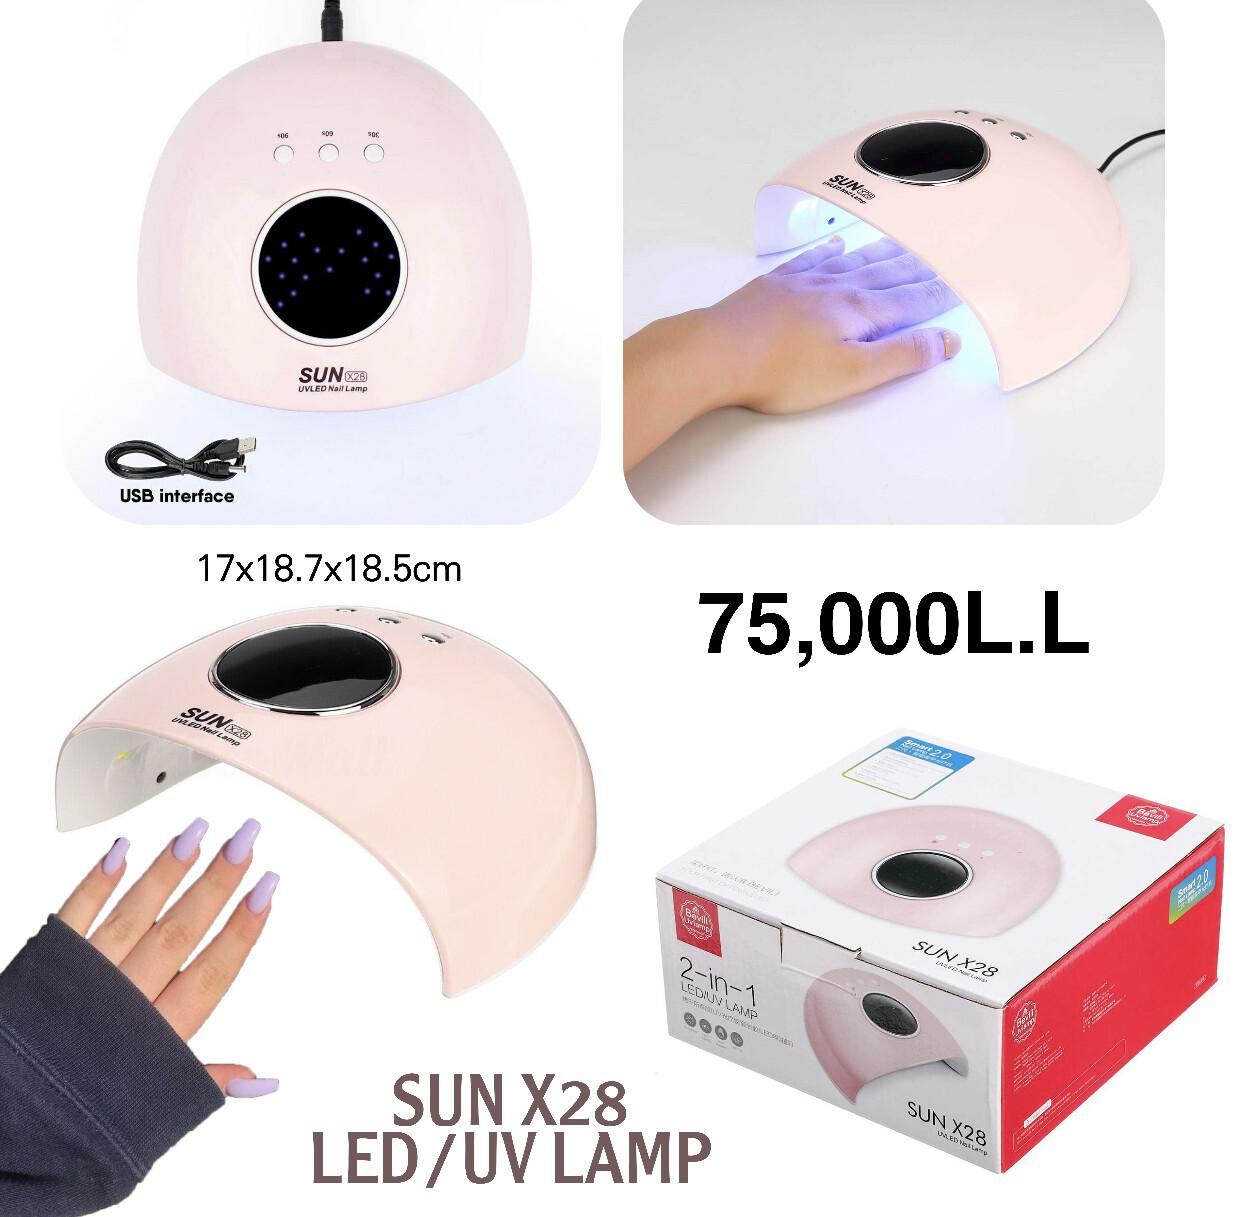 SUN X28 UV Lamp